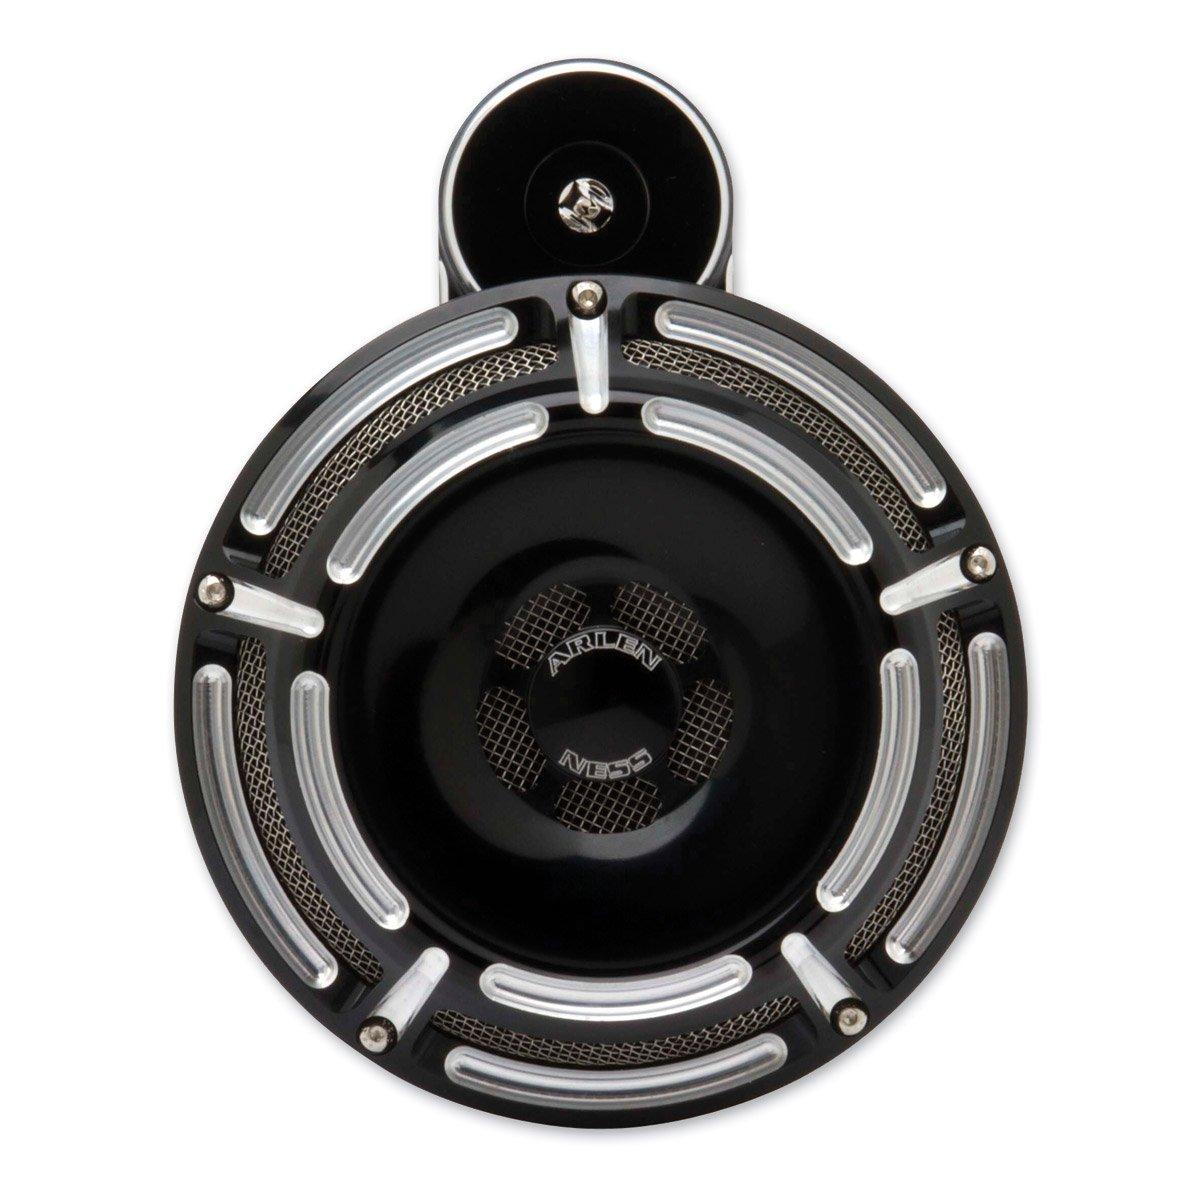 Arlen Ness 70-209 Chrome Billet Horn Kit (Slot/Track) by Arlen Ness